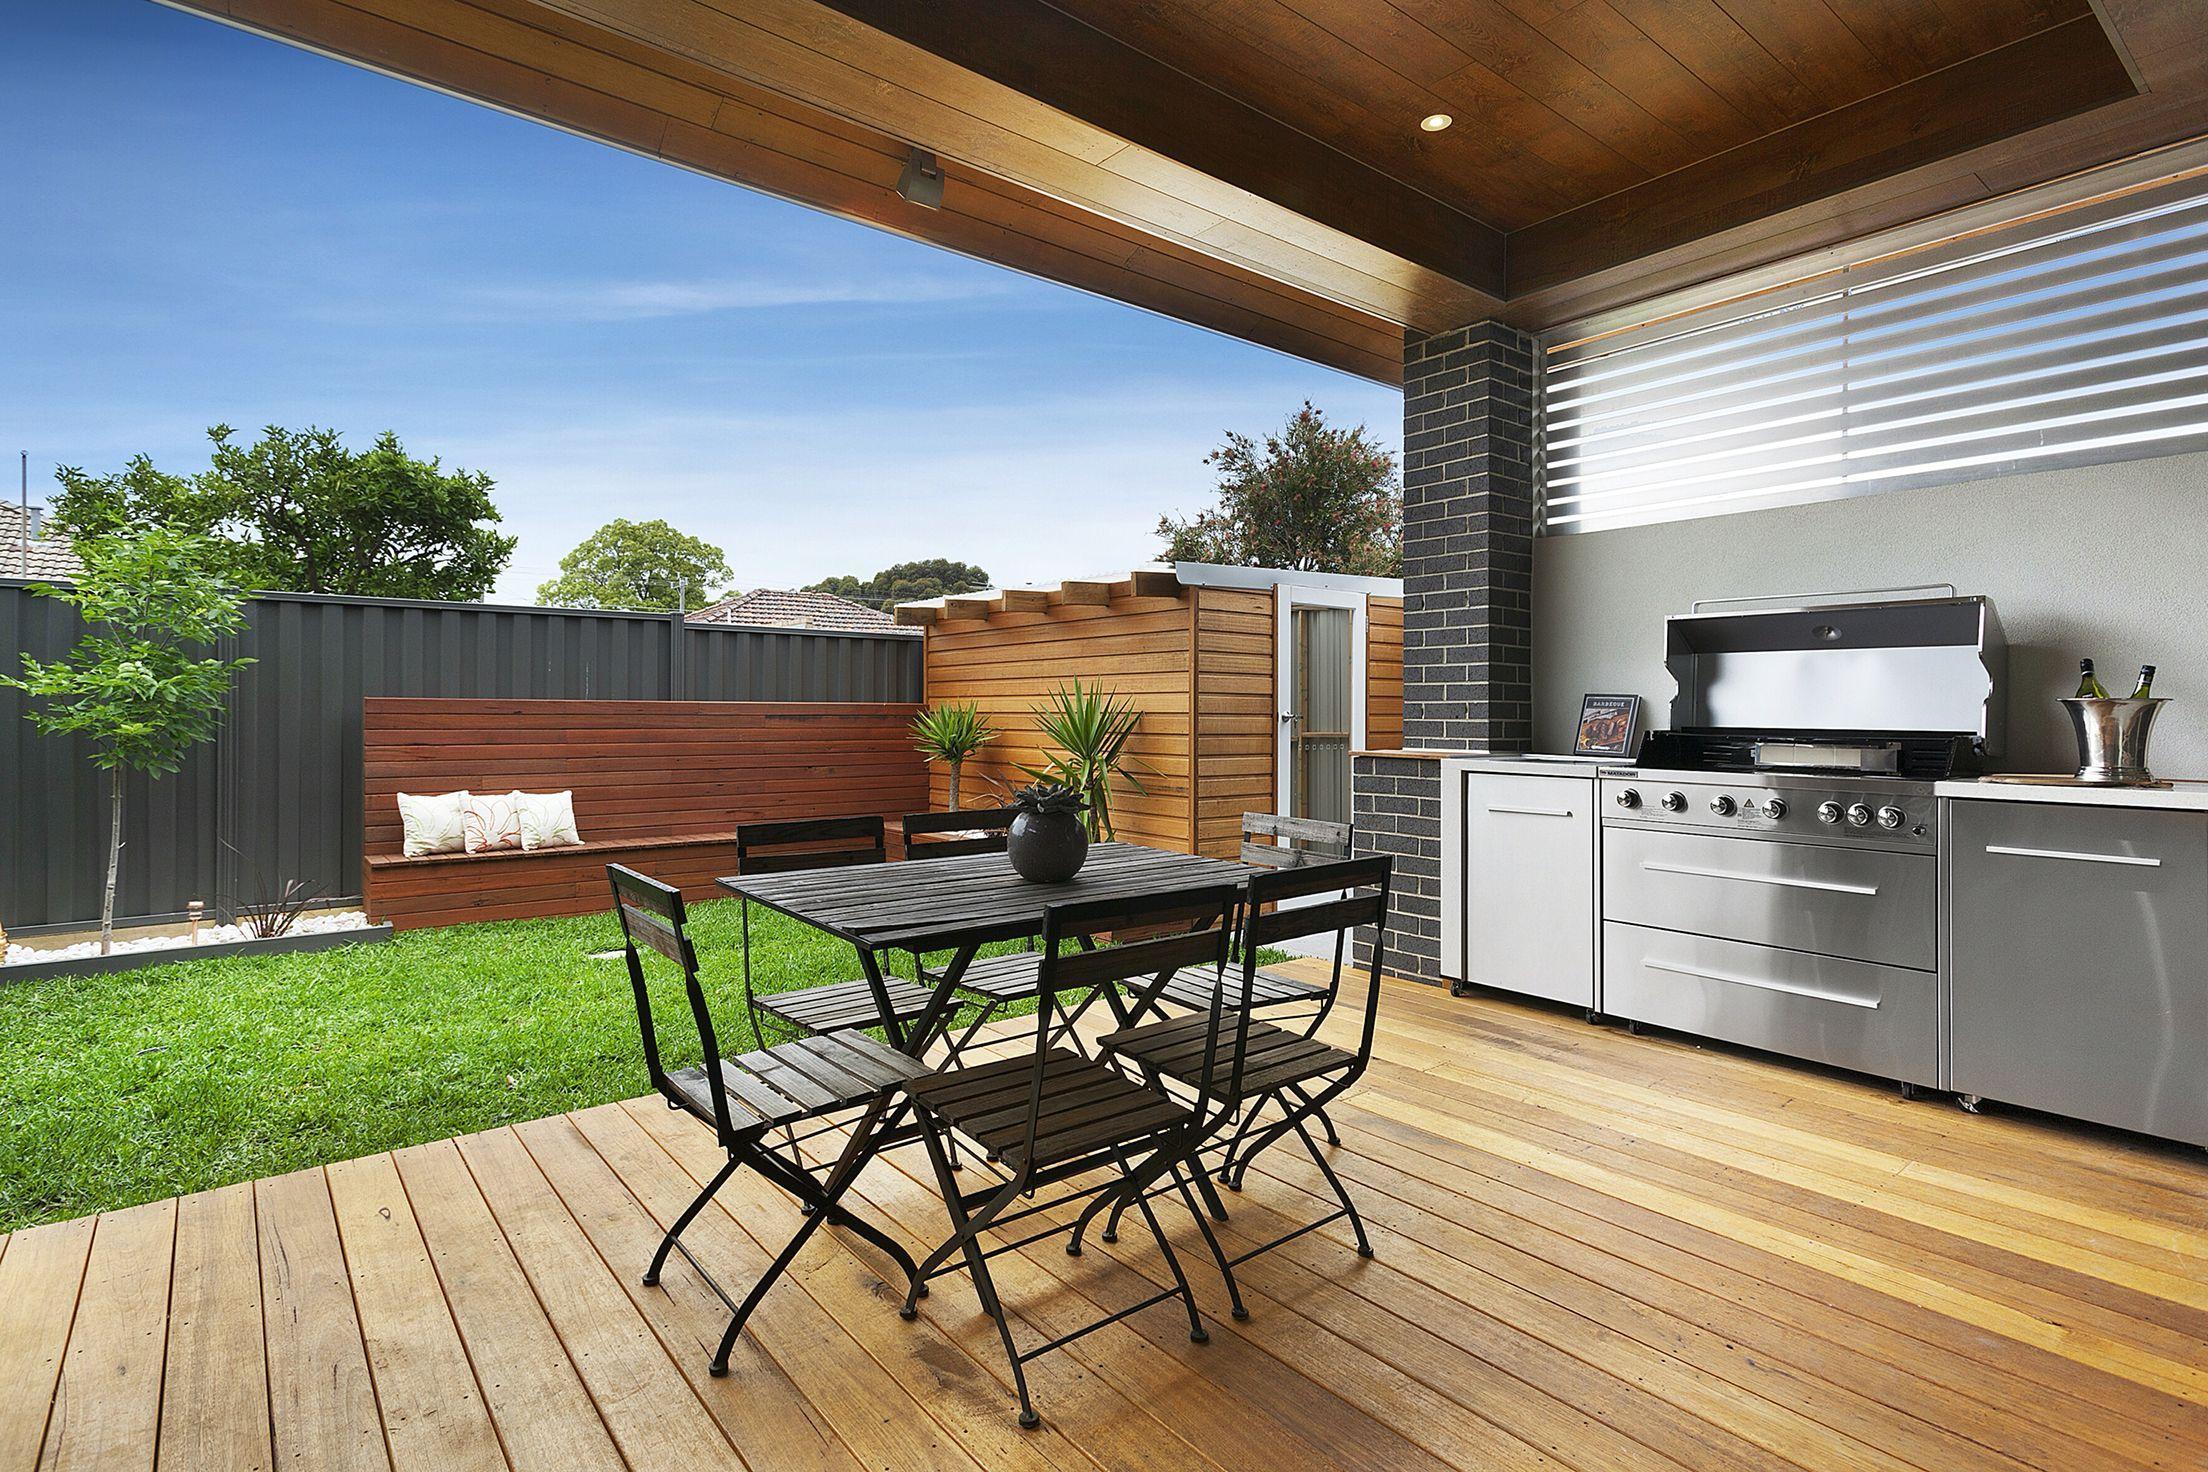 19+ Best Ideas Outdoor Kitchen Designs Small courtyards